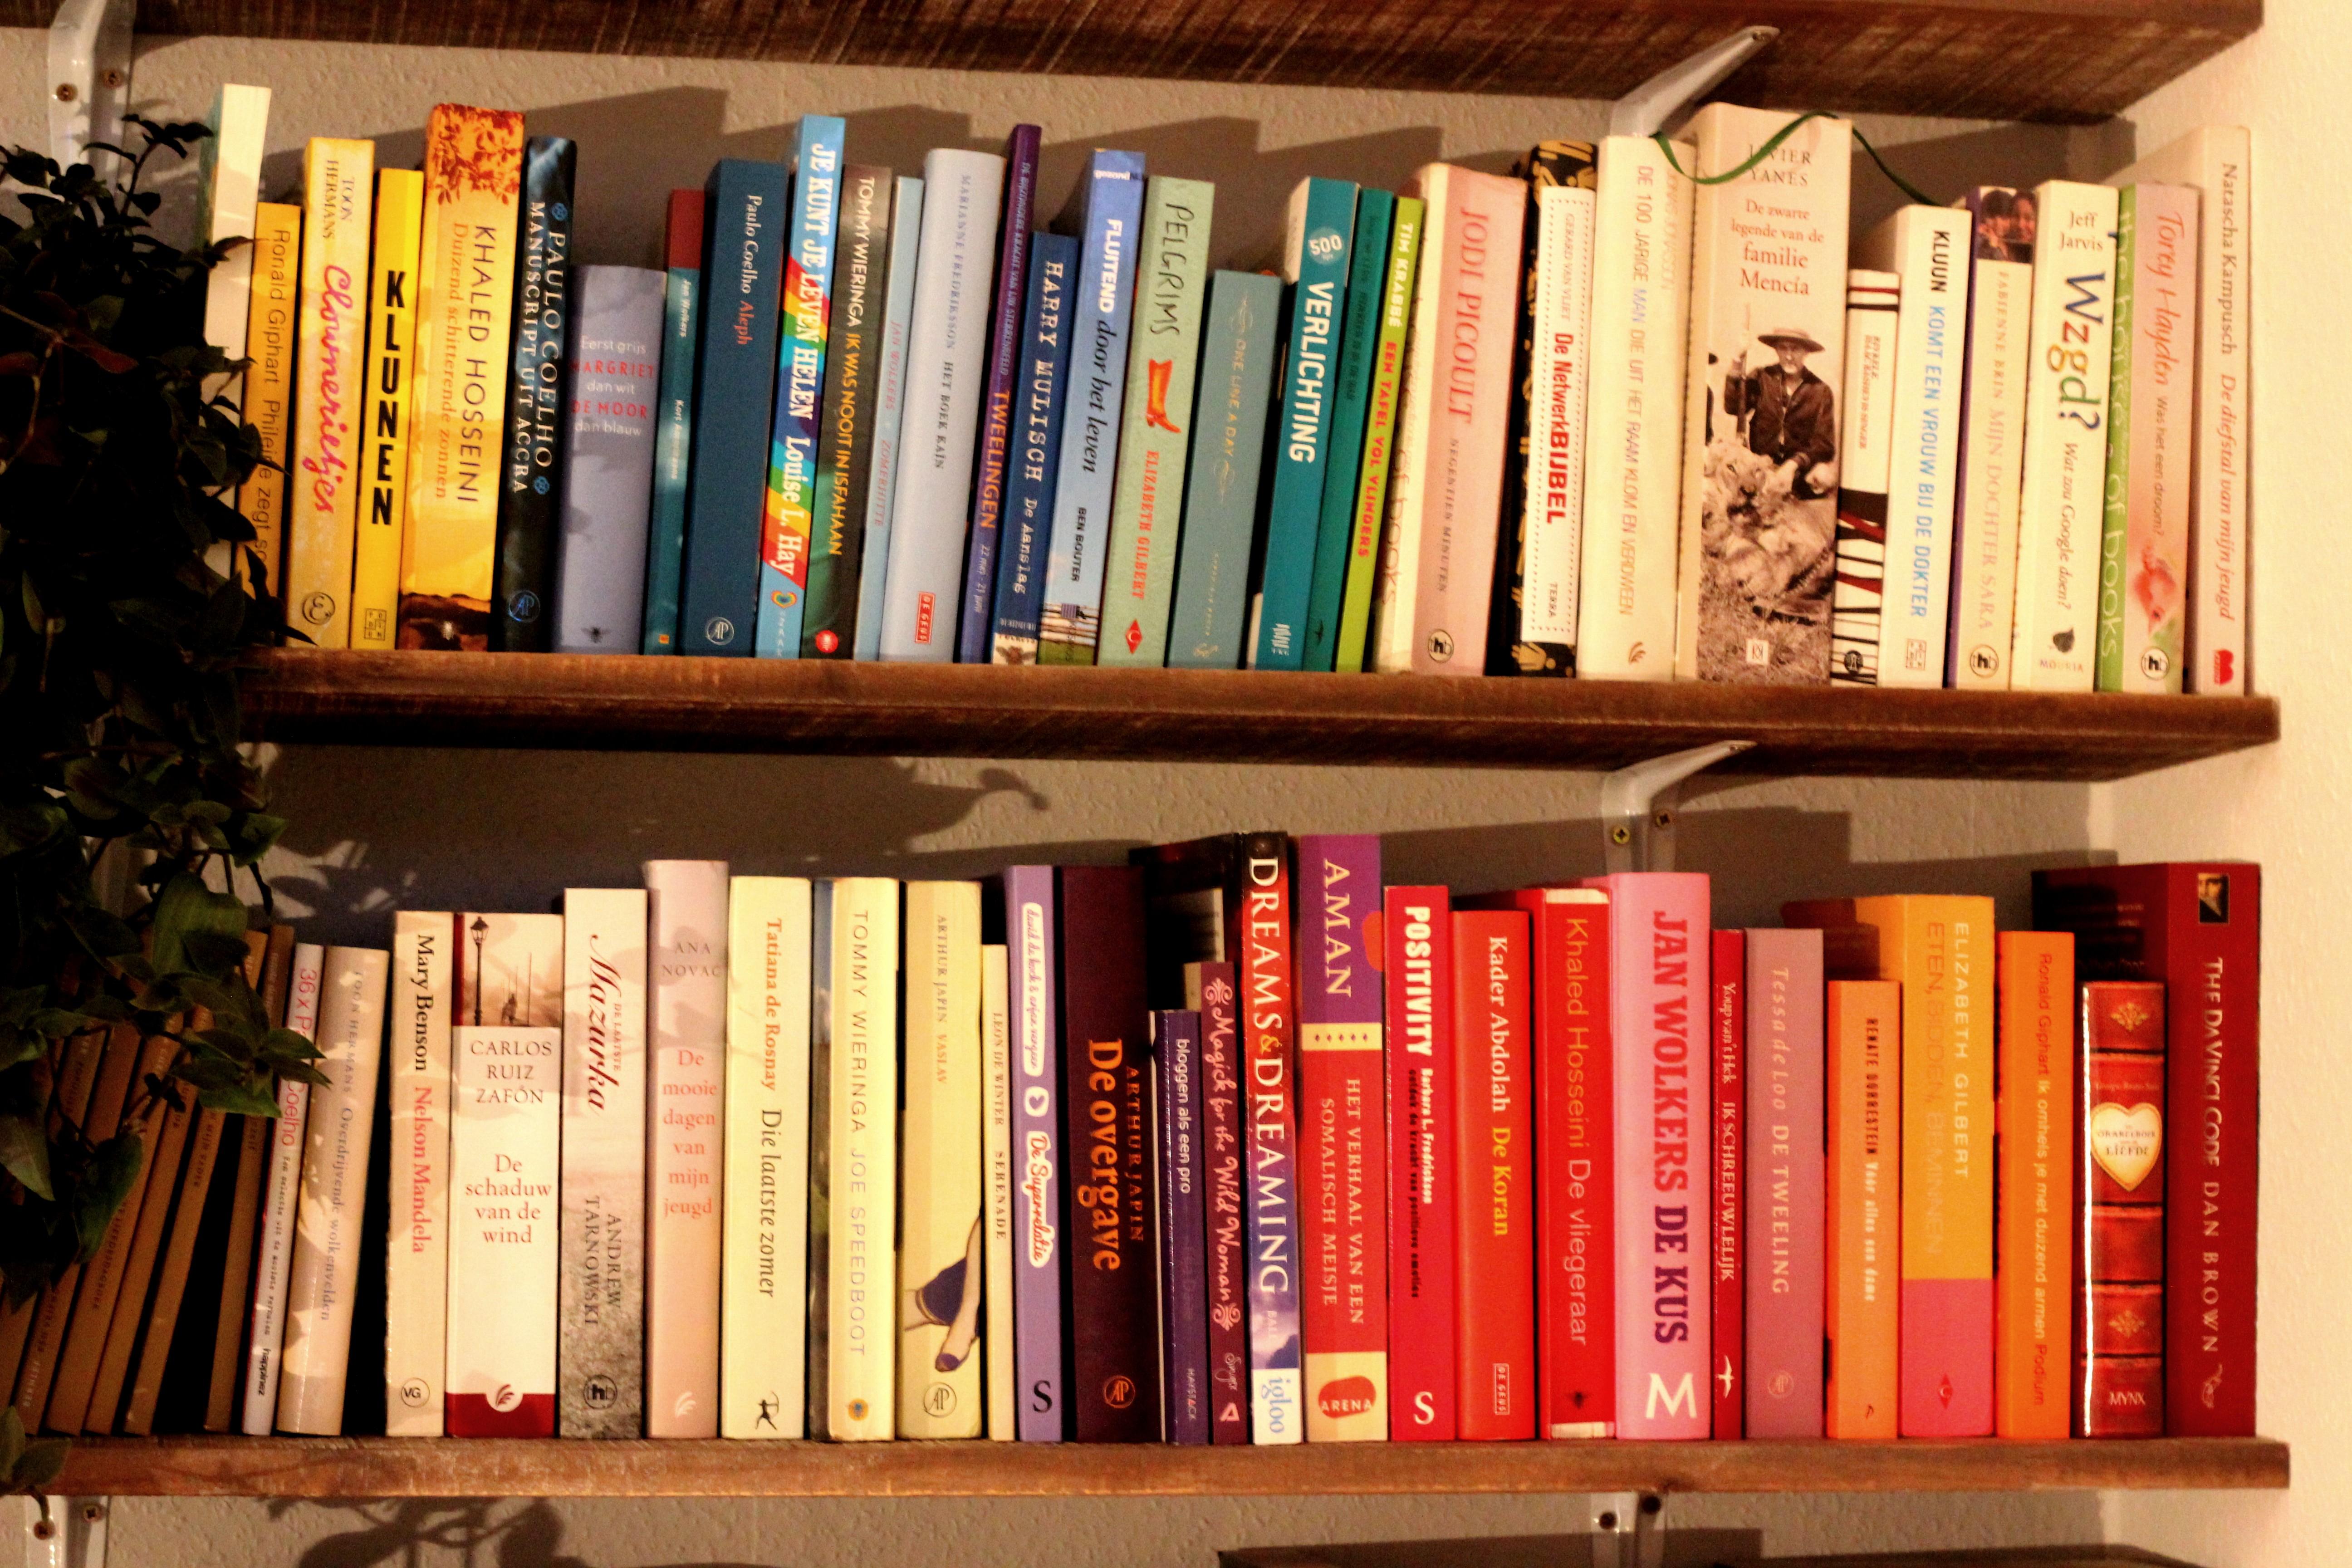 Boekenplank Met Boeken.Lifestyle Boeken